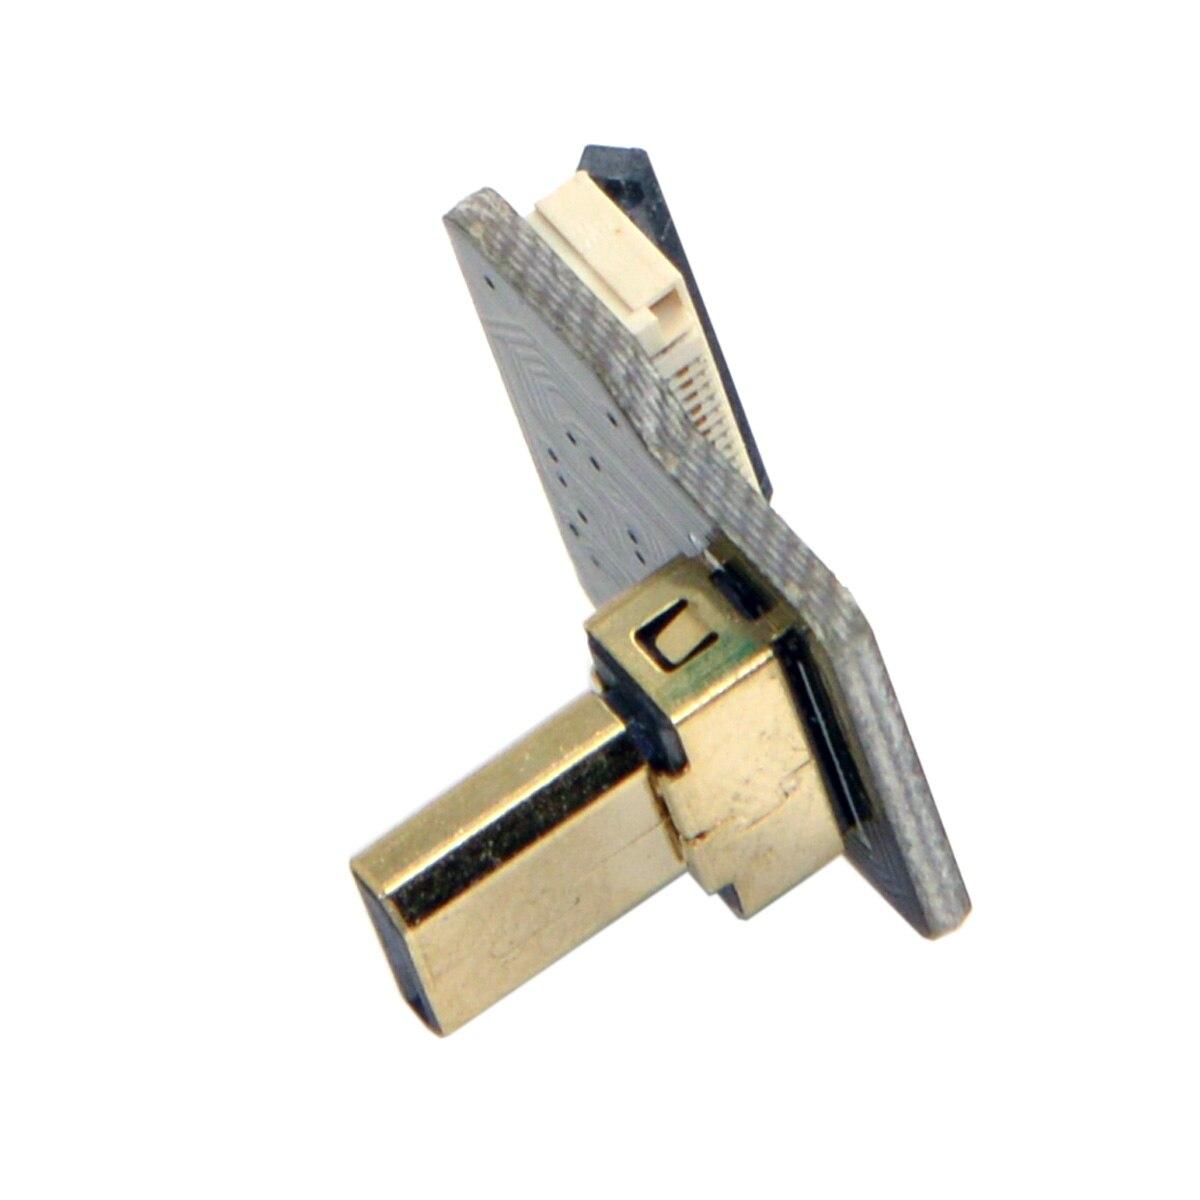 10 pcs/lot câble CYFPV Micro HDMI Type D mâle 90 degrés vers le haut connecteur coudé pour FPV HDTV Multicopter photographie aérienne